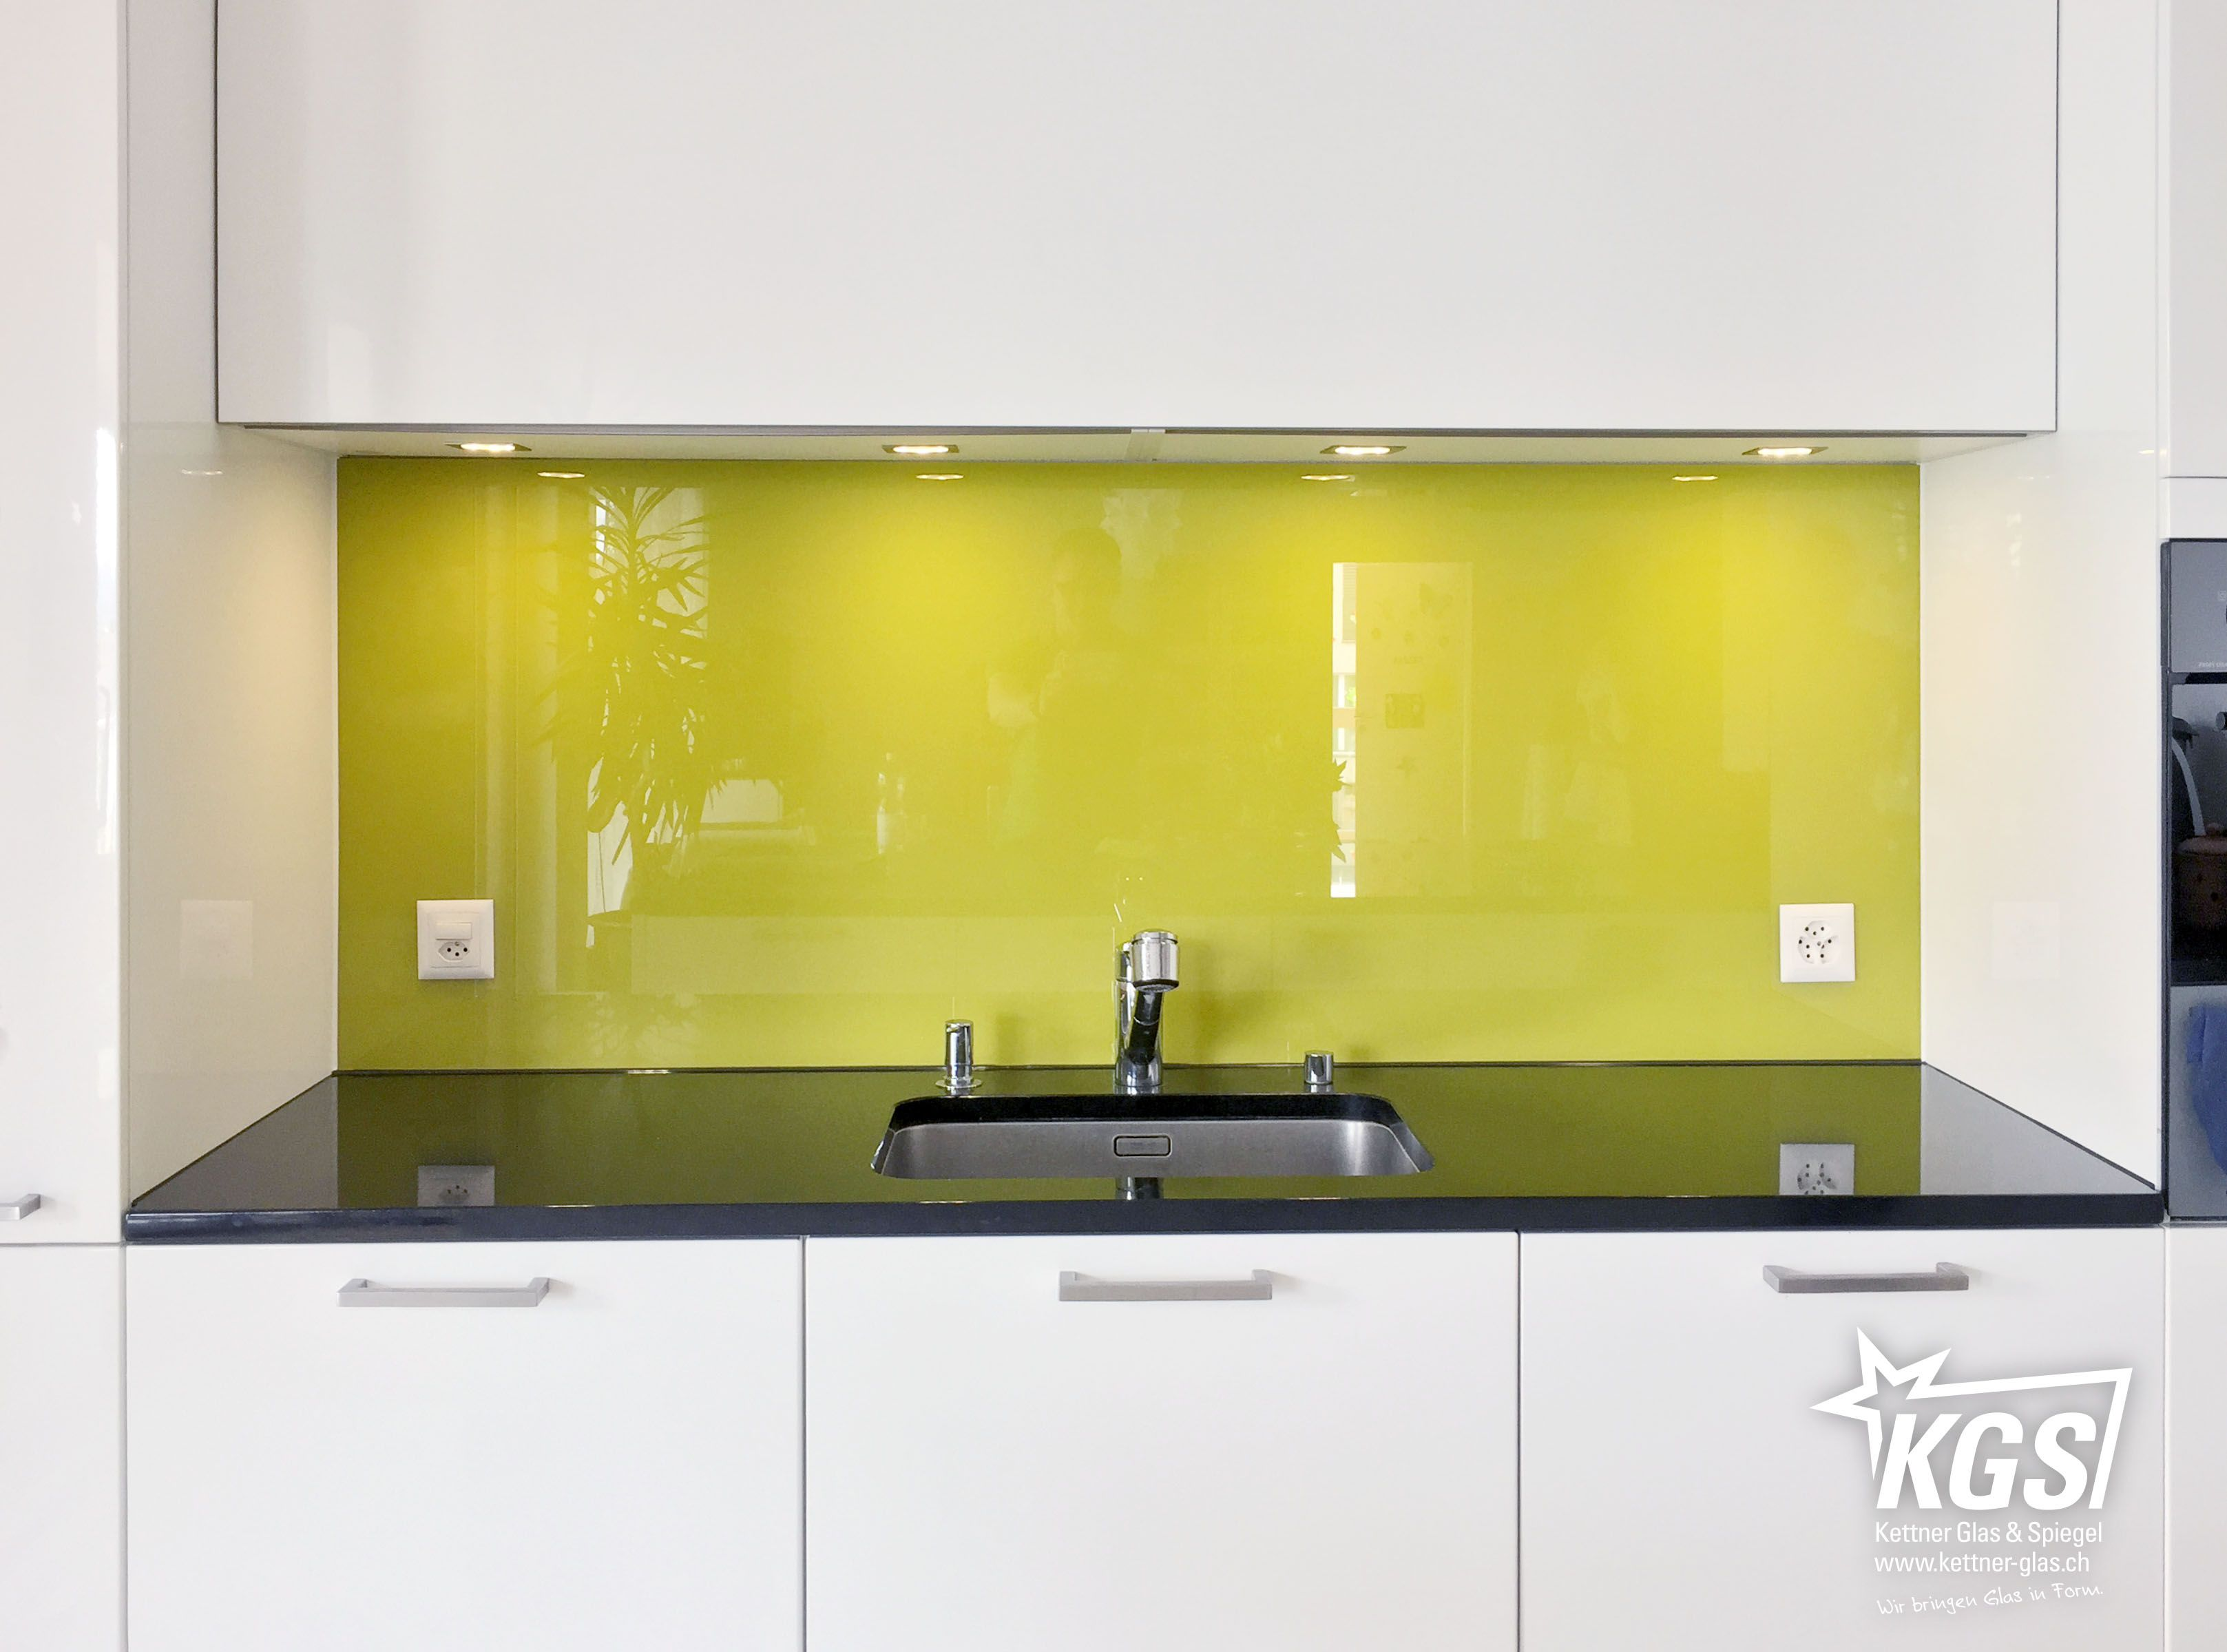 Echtglas Kuchenruckwand Mit Kt Color 43 6 Olive Lackierung Auf